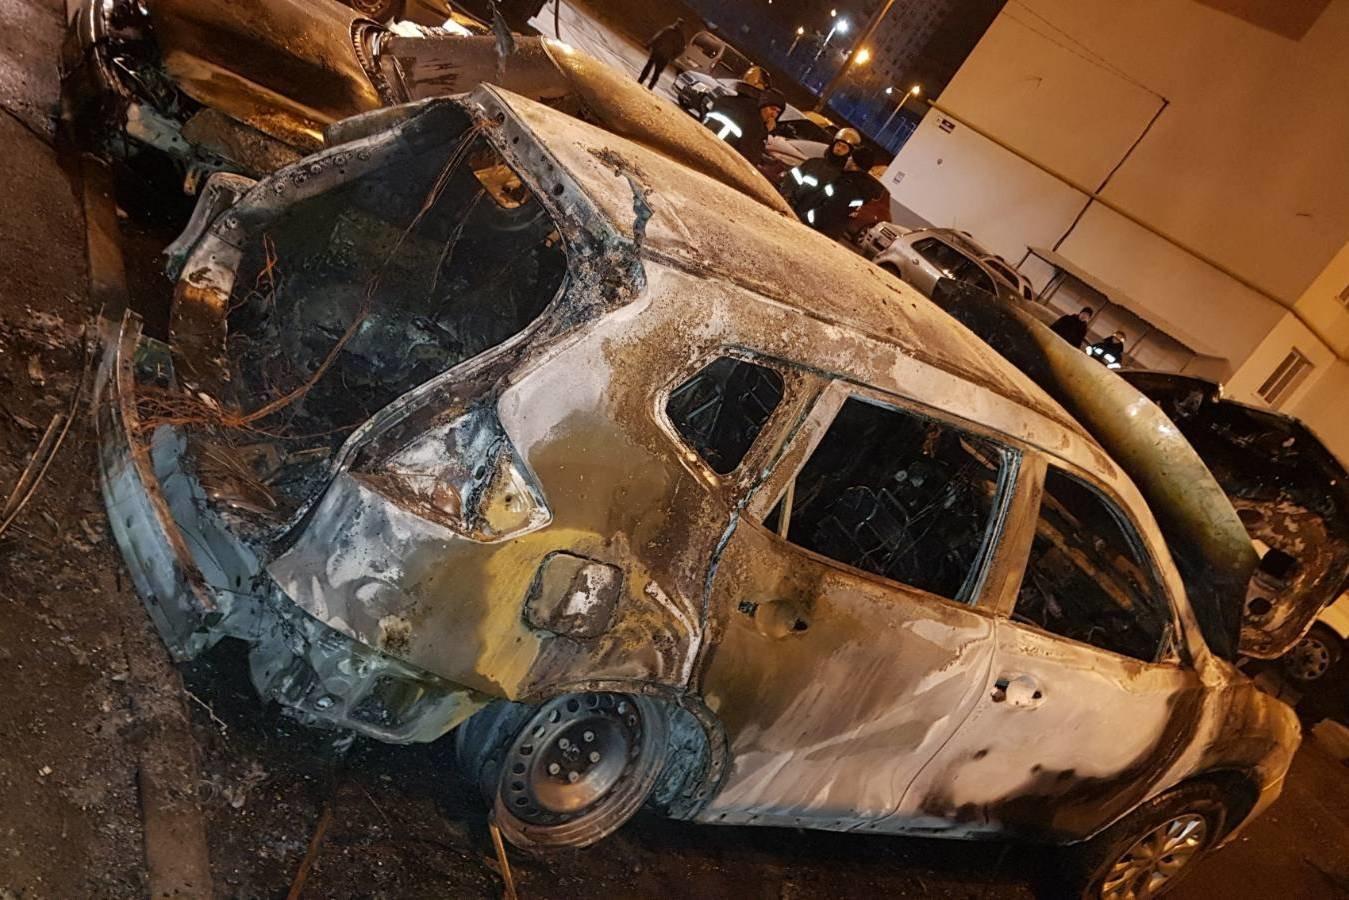 В Харькове во дворе «многоэтажки» сгорели три авто: одну из машин подожгли неизвестные, - ФОТО, ВИДЕО, фото-1